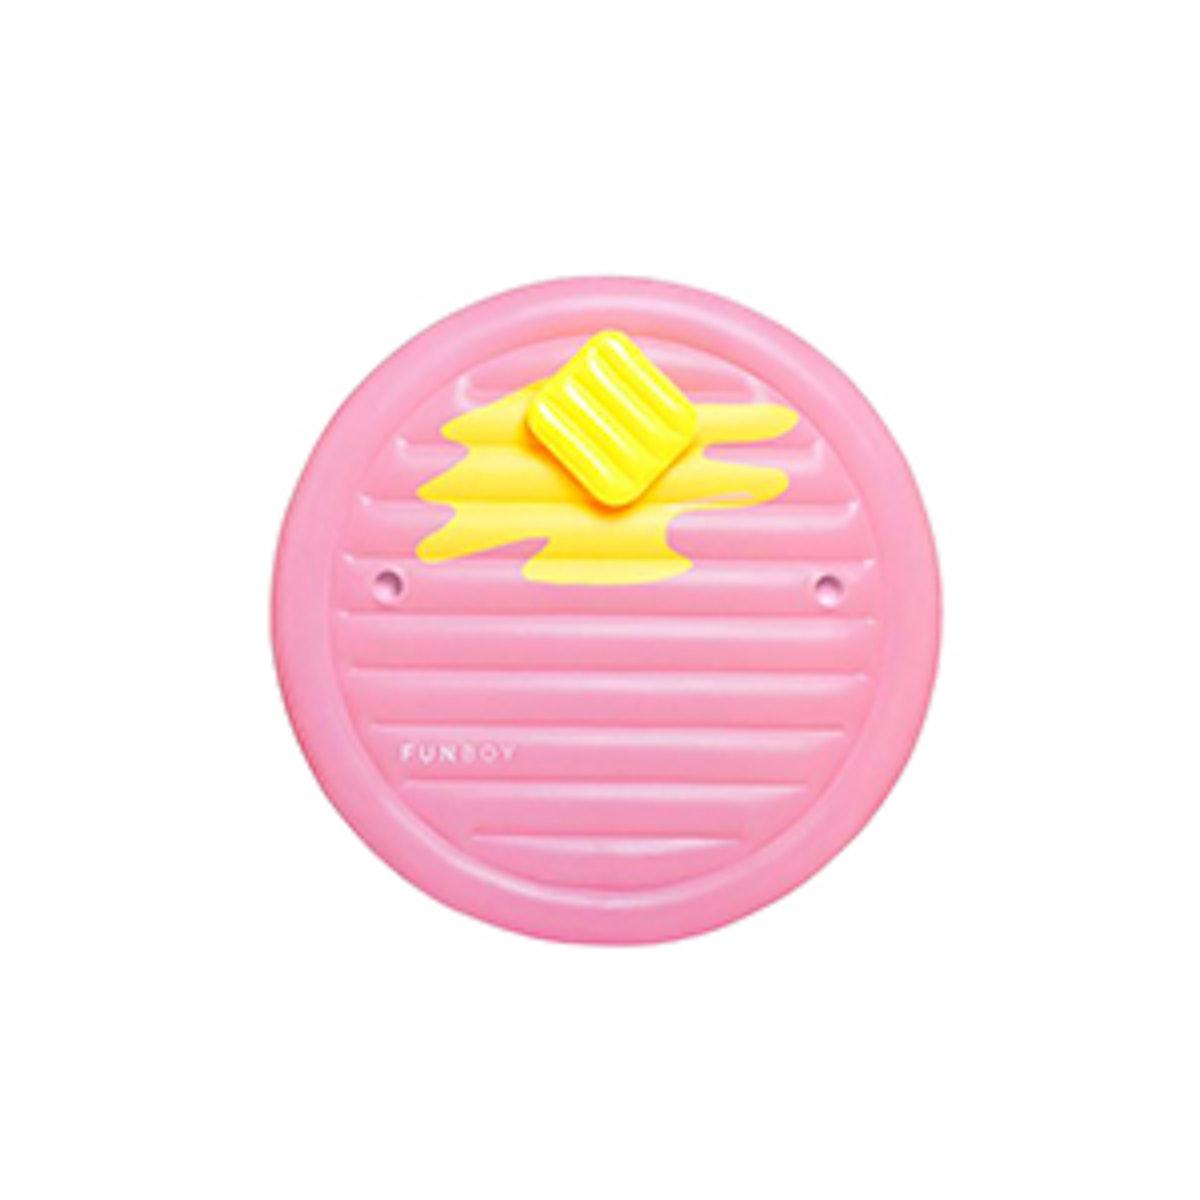 Retro Pancake Float